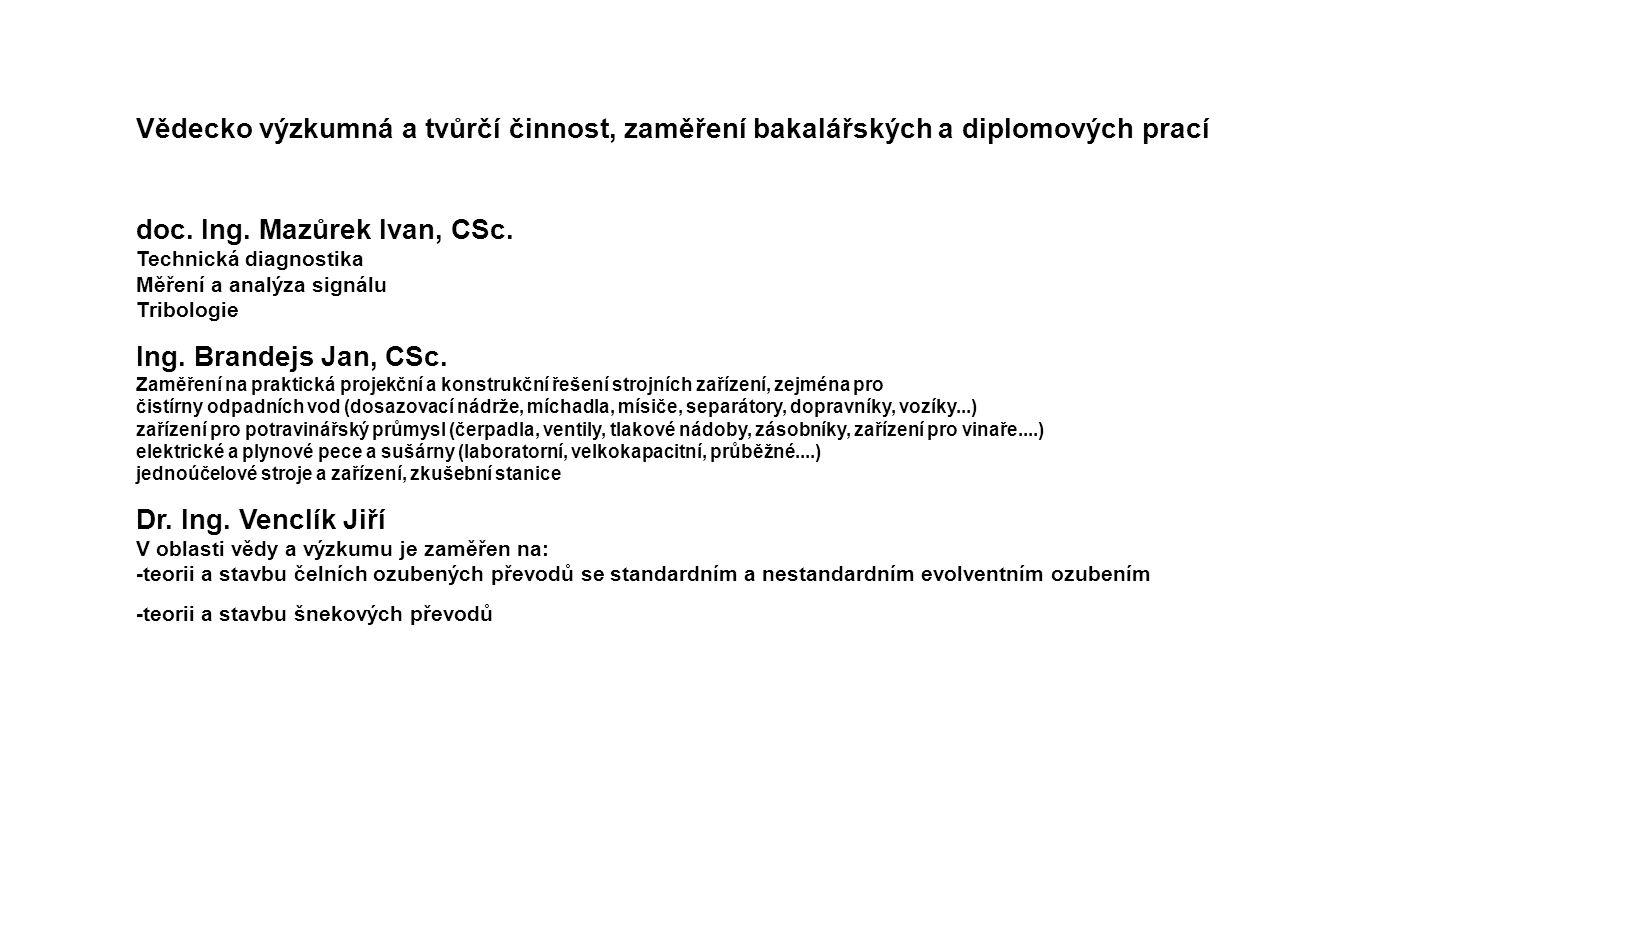 doc. Ing. Mazůrek Ivan, CSc.